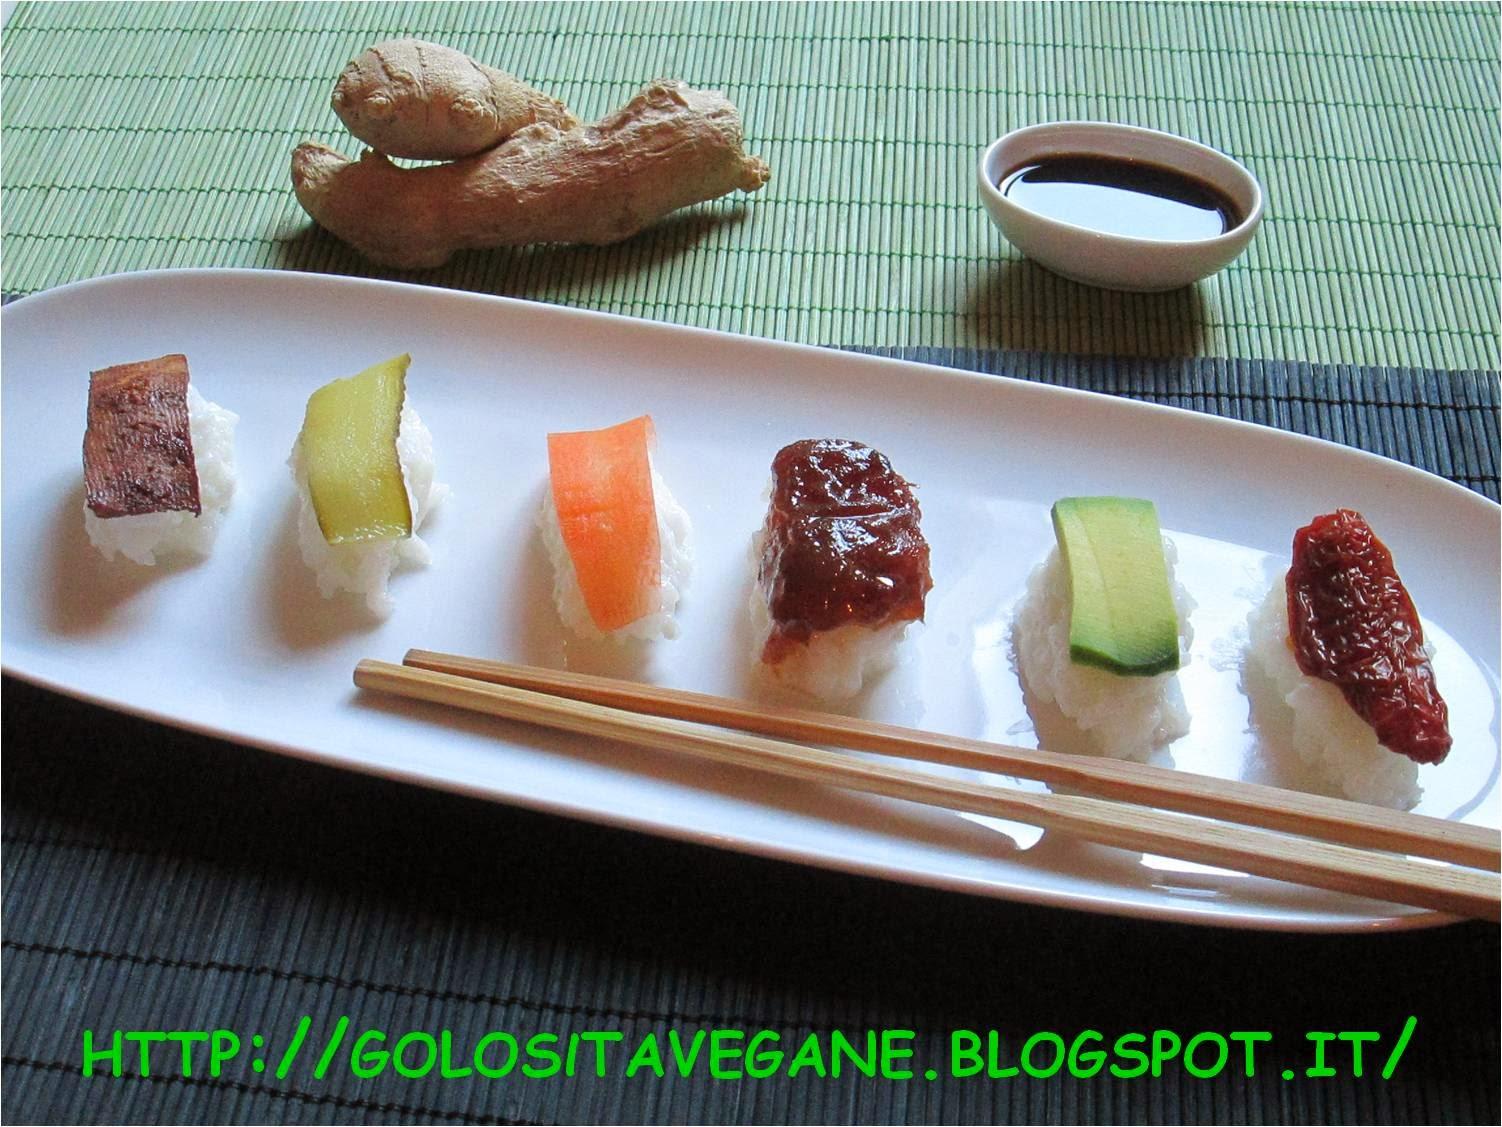 aceto di riso, Antipasti, avocado, carote, cetriolini, maki, malto, nigiri, pomodori secchi, prugne, ricette vegan, riso, shoyu, sushi, tamari, tofu, zenzero,